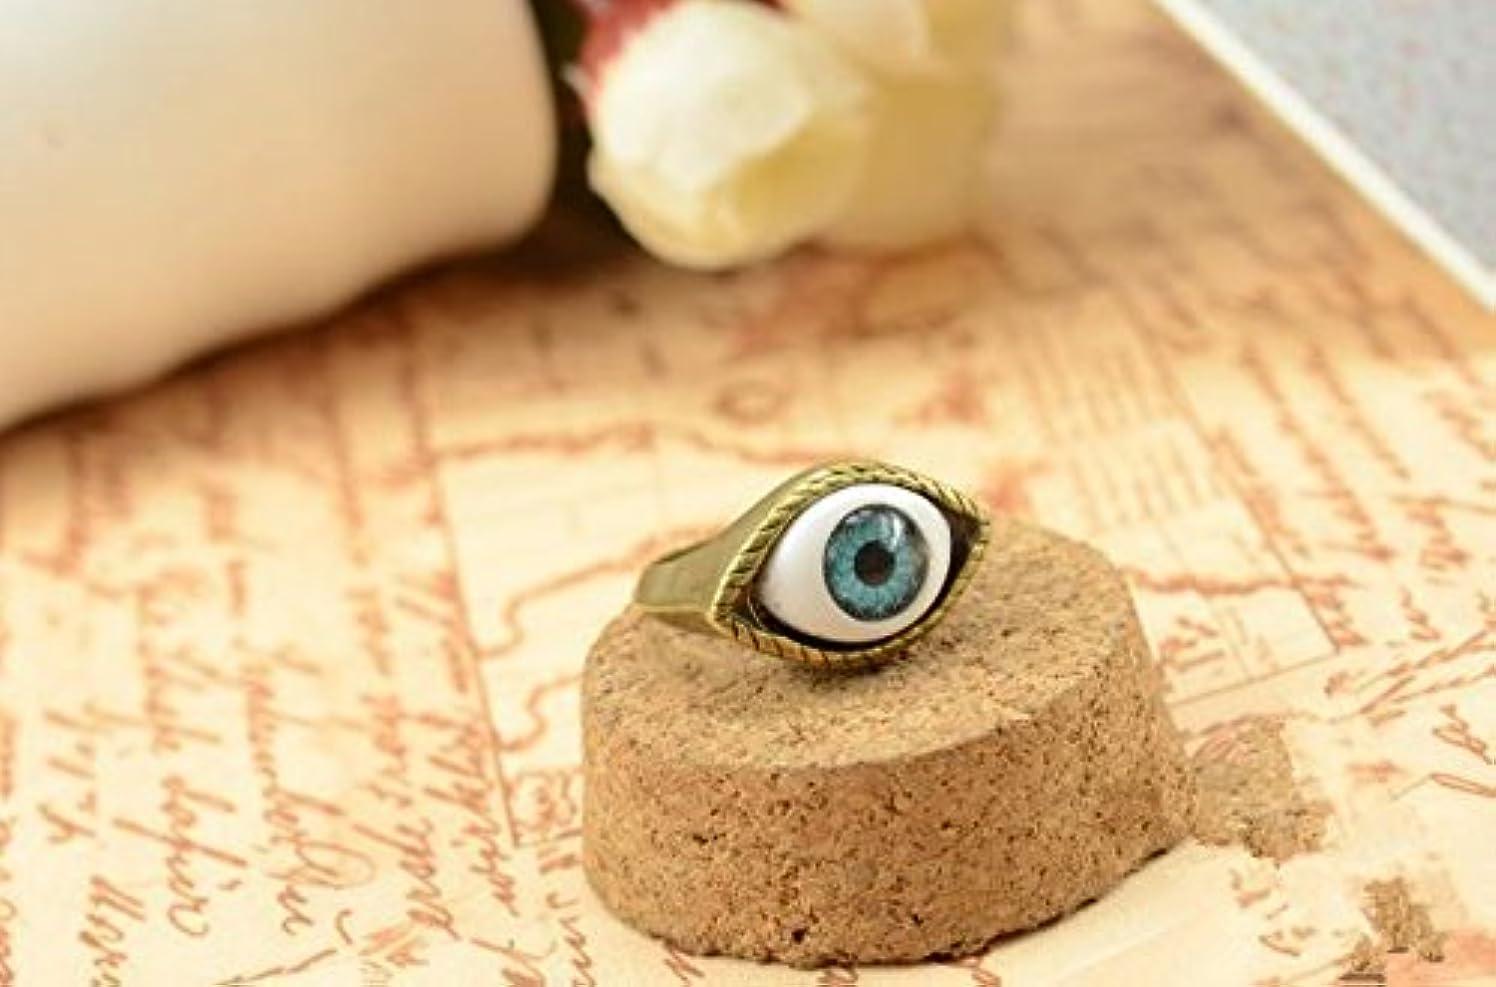 訪問ラジカルJicorzo - ヨーロッパと米国のゴシックパンク風のレトロな青と茶色の鬼の目のリング宝石の1pcsを誇張[青]